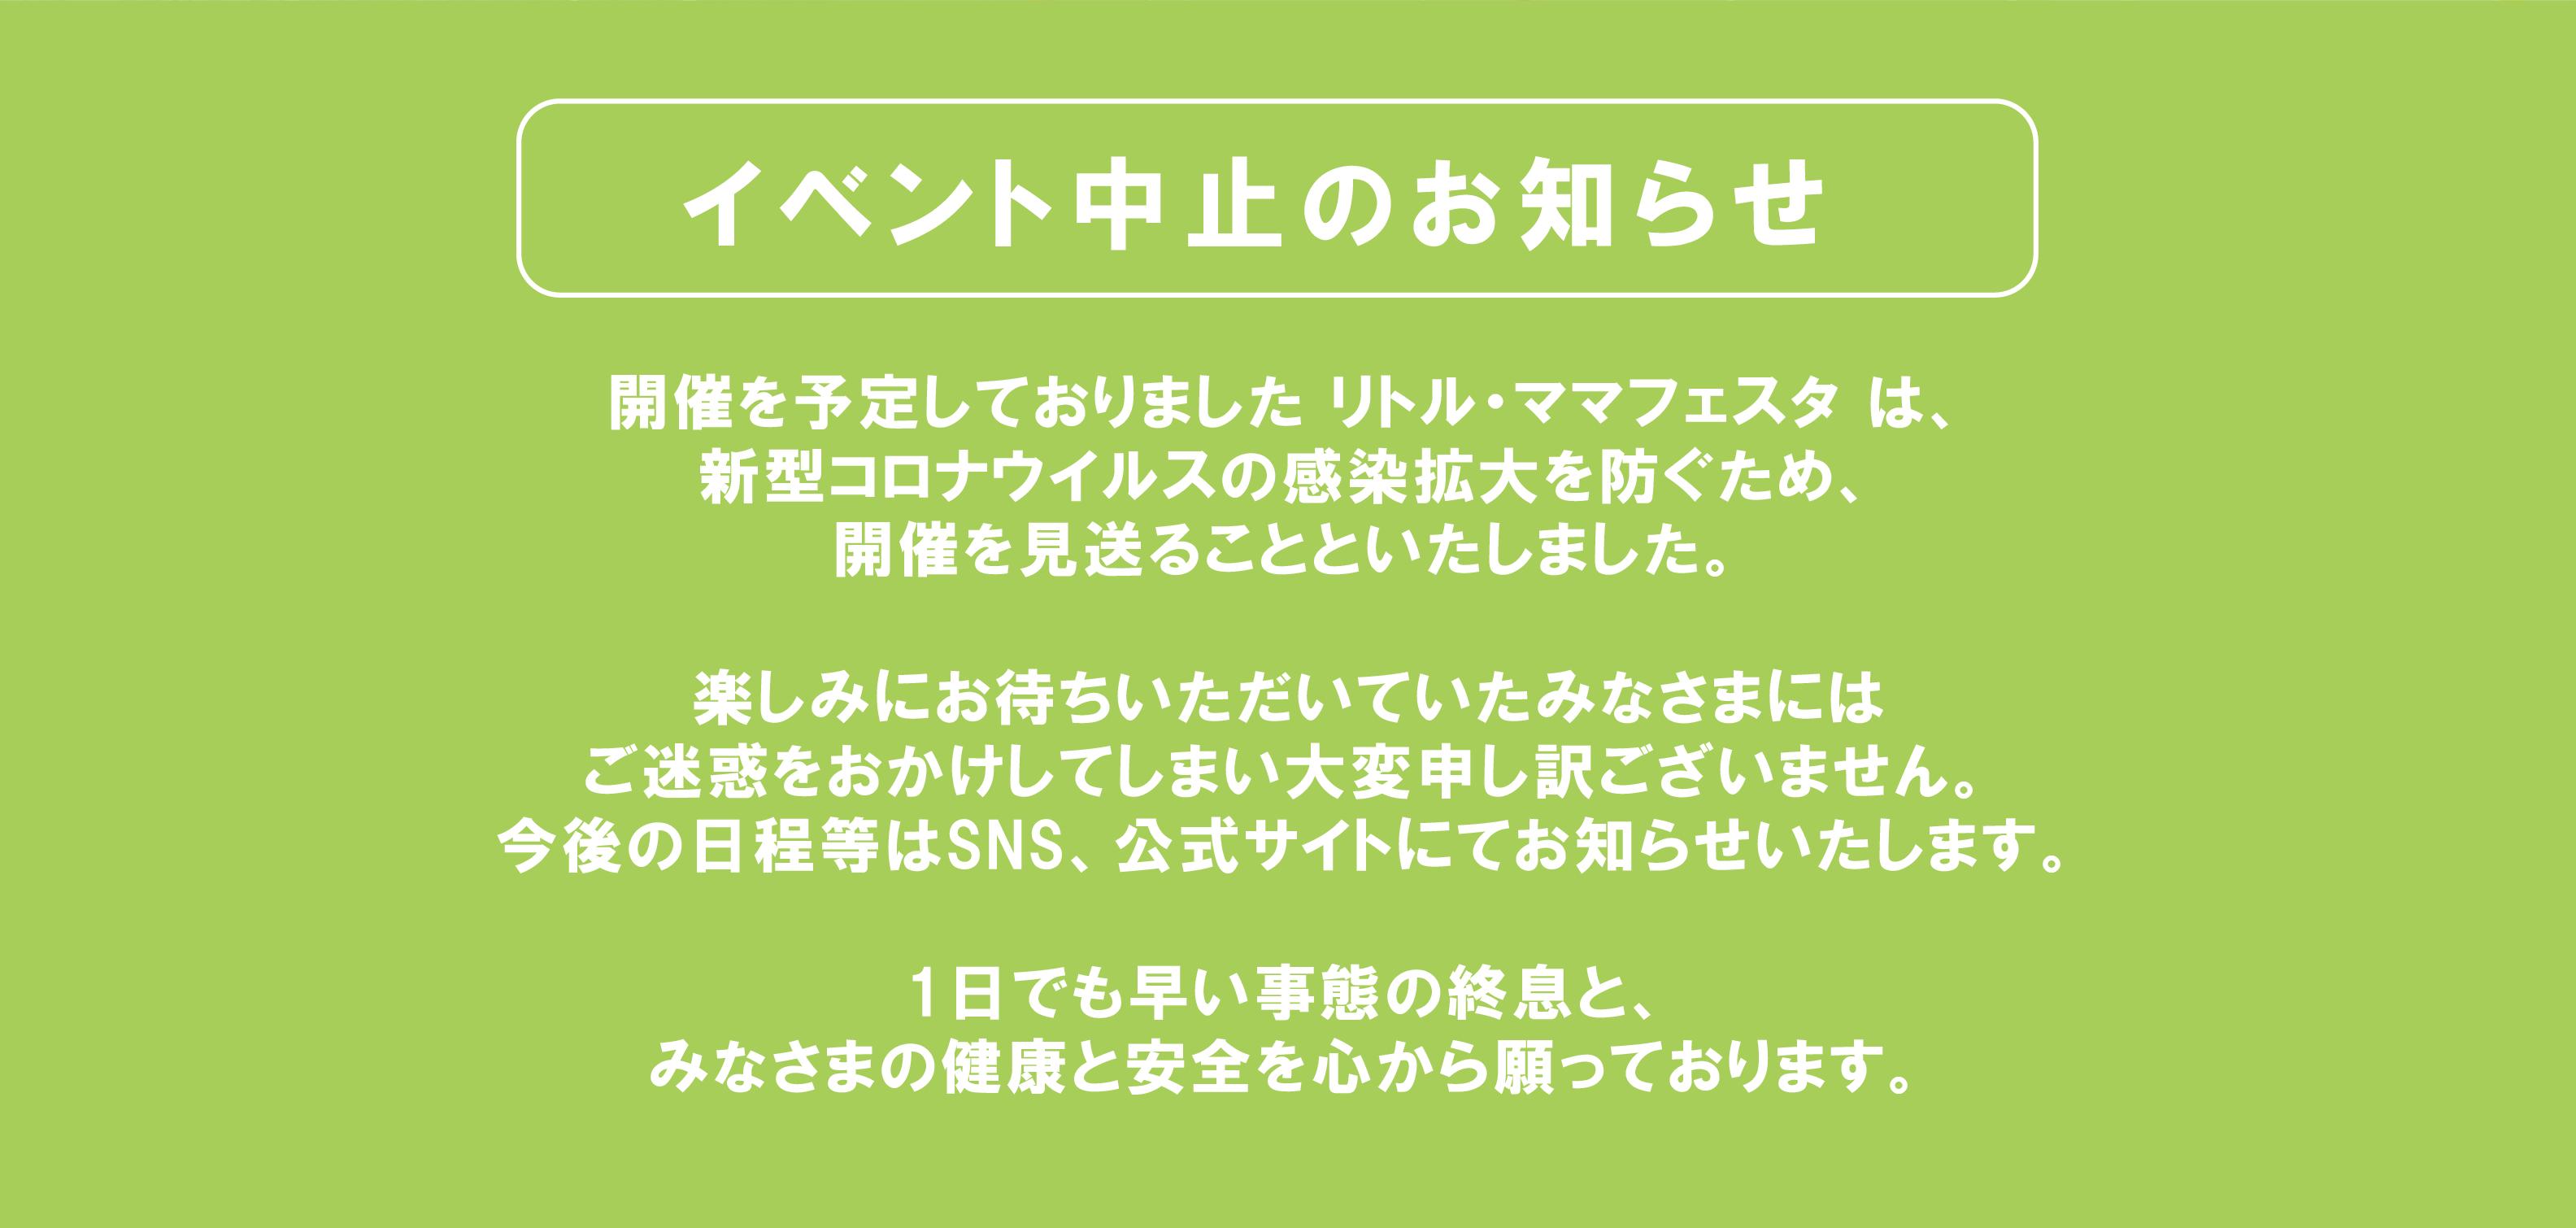 リトル・ママフェスタ東京2020Mar